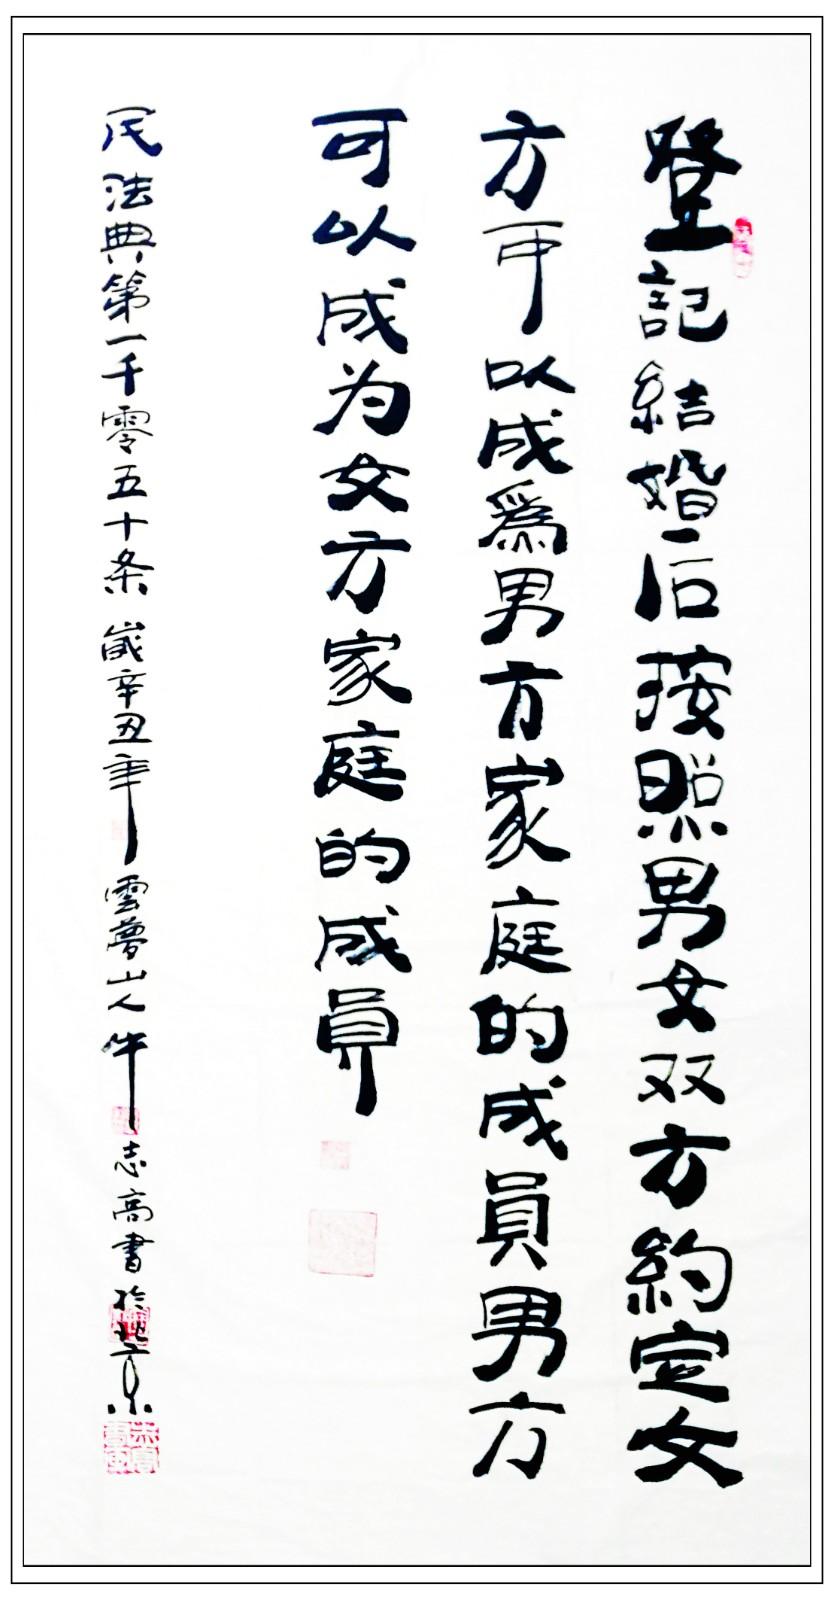 牛志高书法--------2021.03.24_图1-3